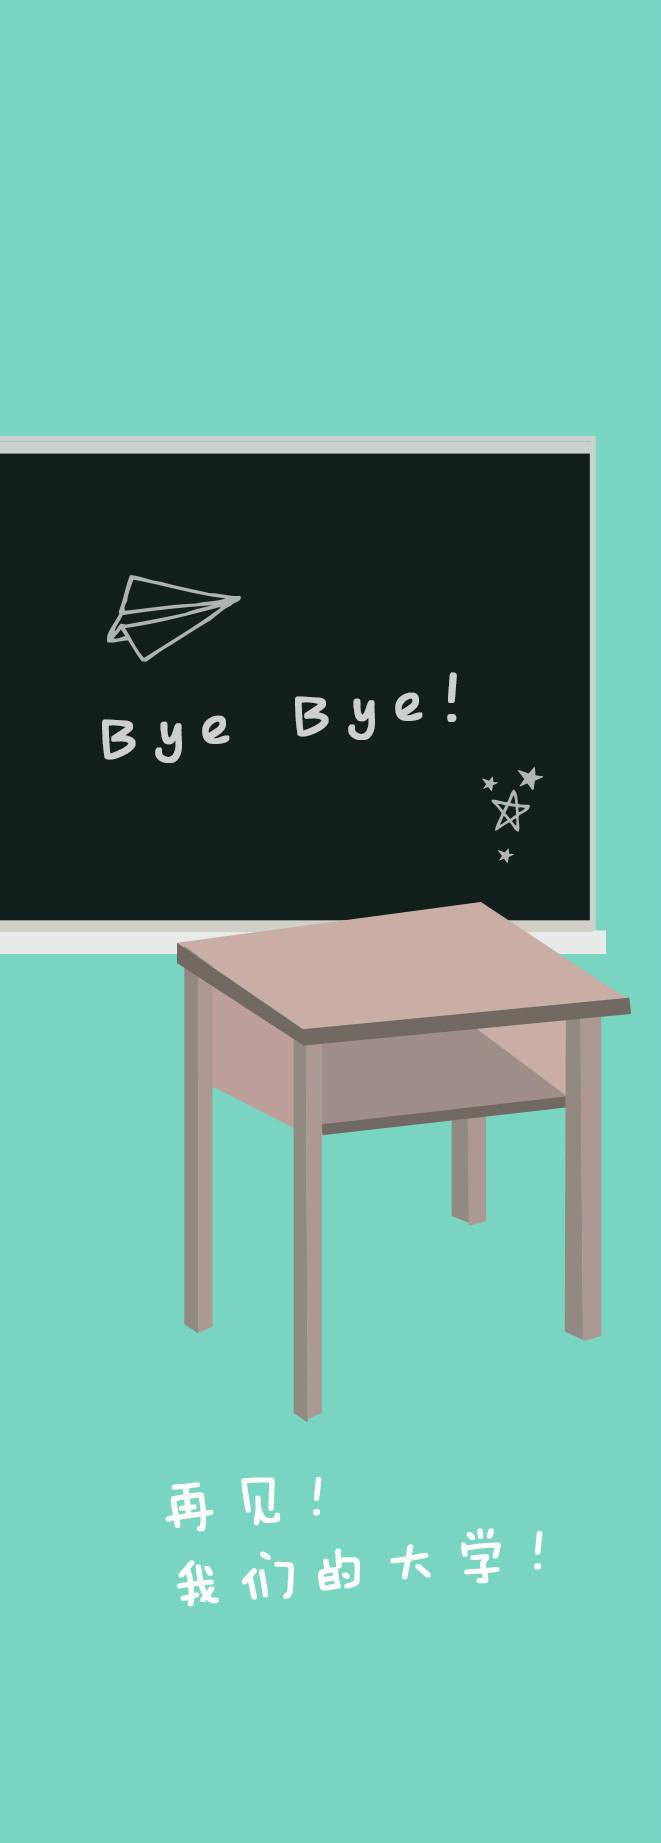 校园书签设计模板分享 做一份最好的纪念品吧